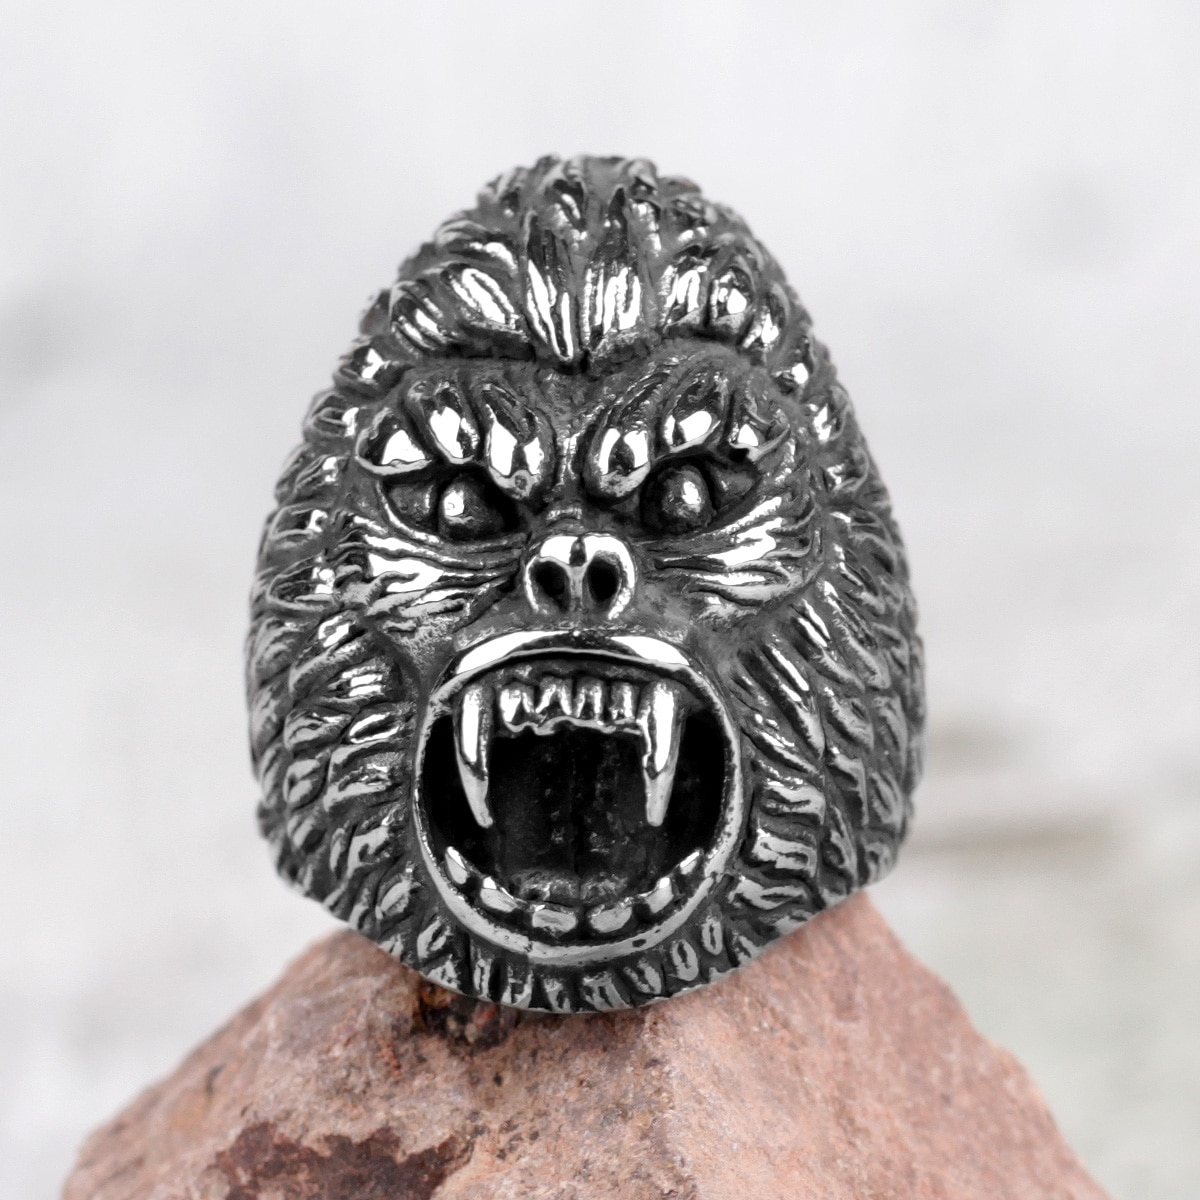 Acier inoxydable hommes anneaux soleil Wukong singe roi Animal Punk Rock pour motard mâle petit ami bijoux créativité cadeau en gros